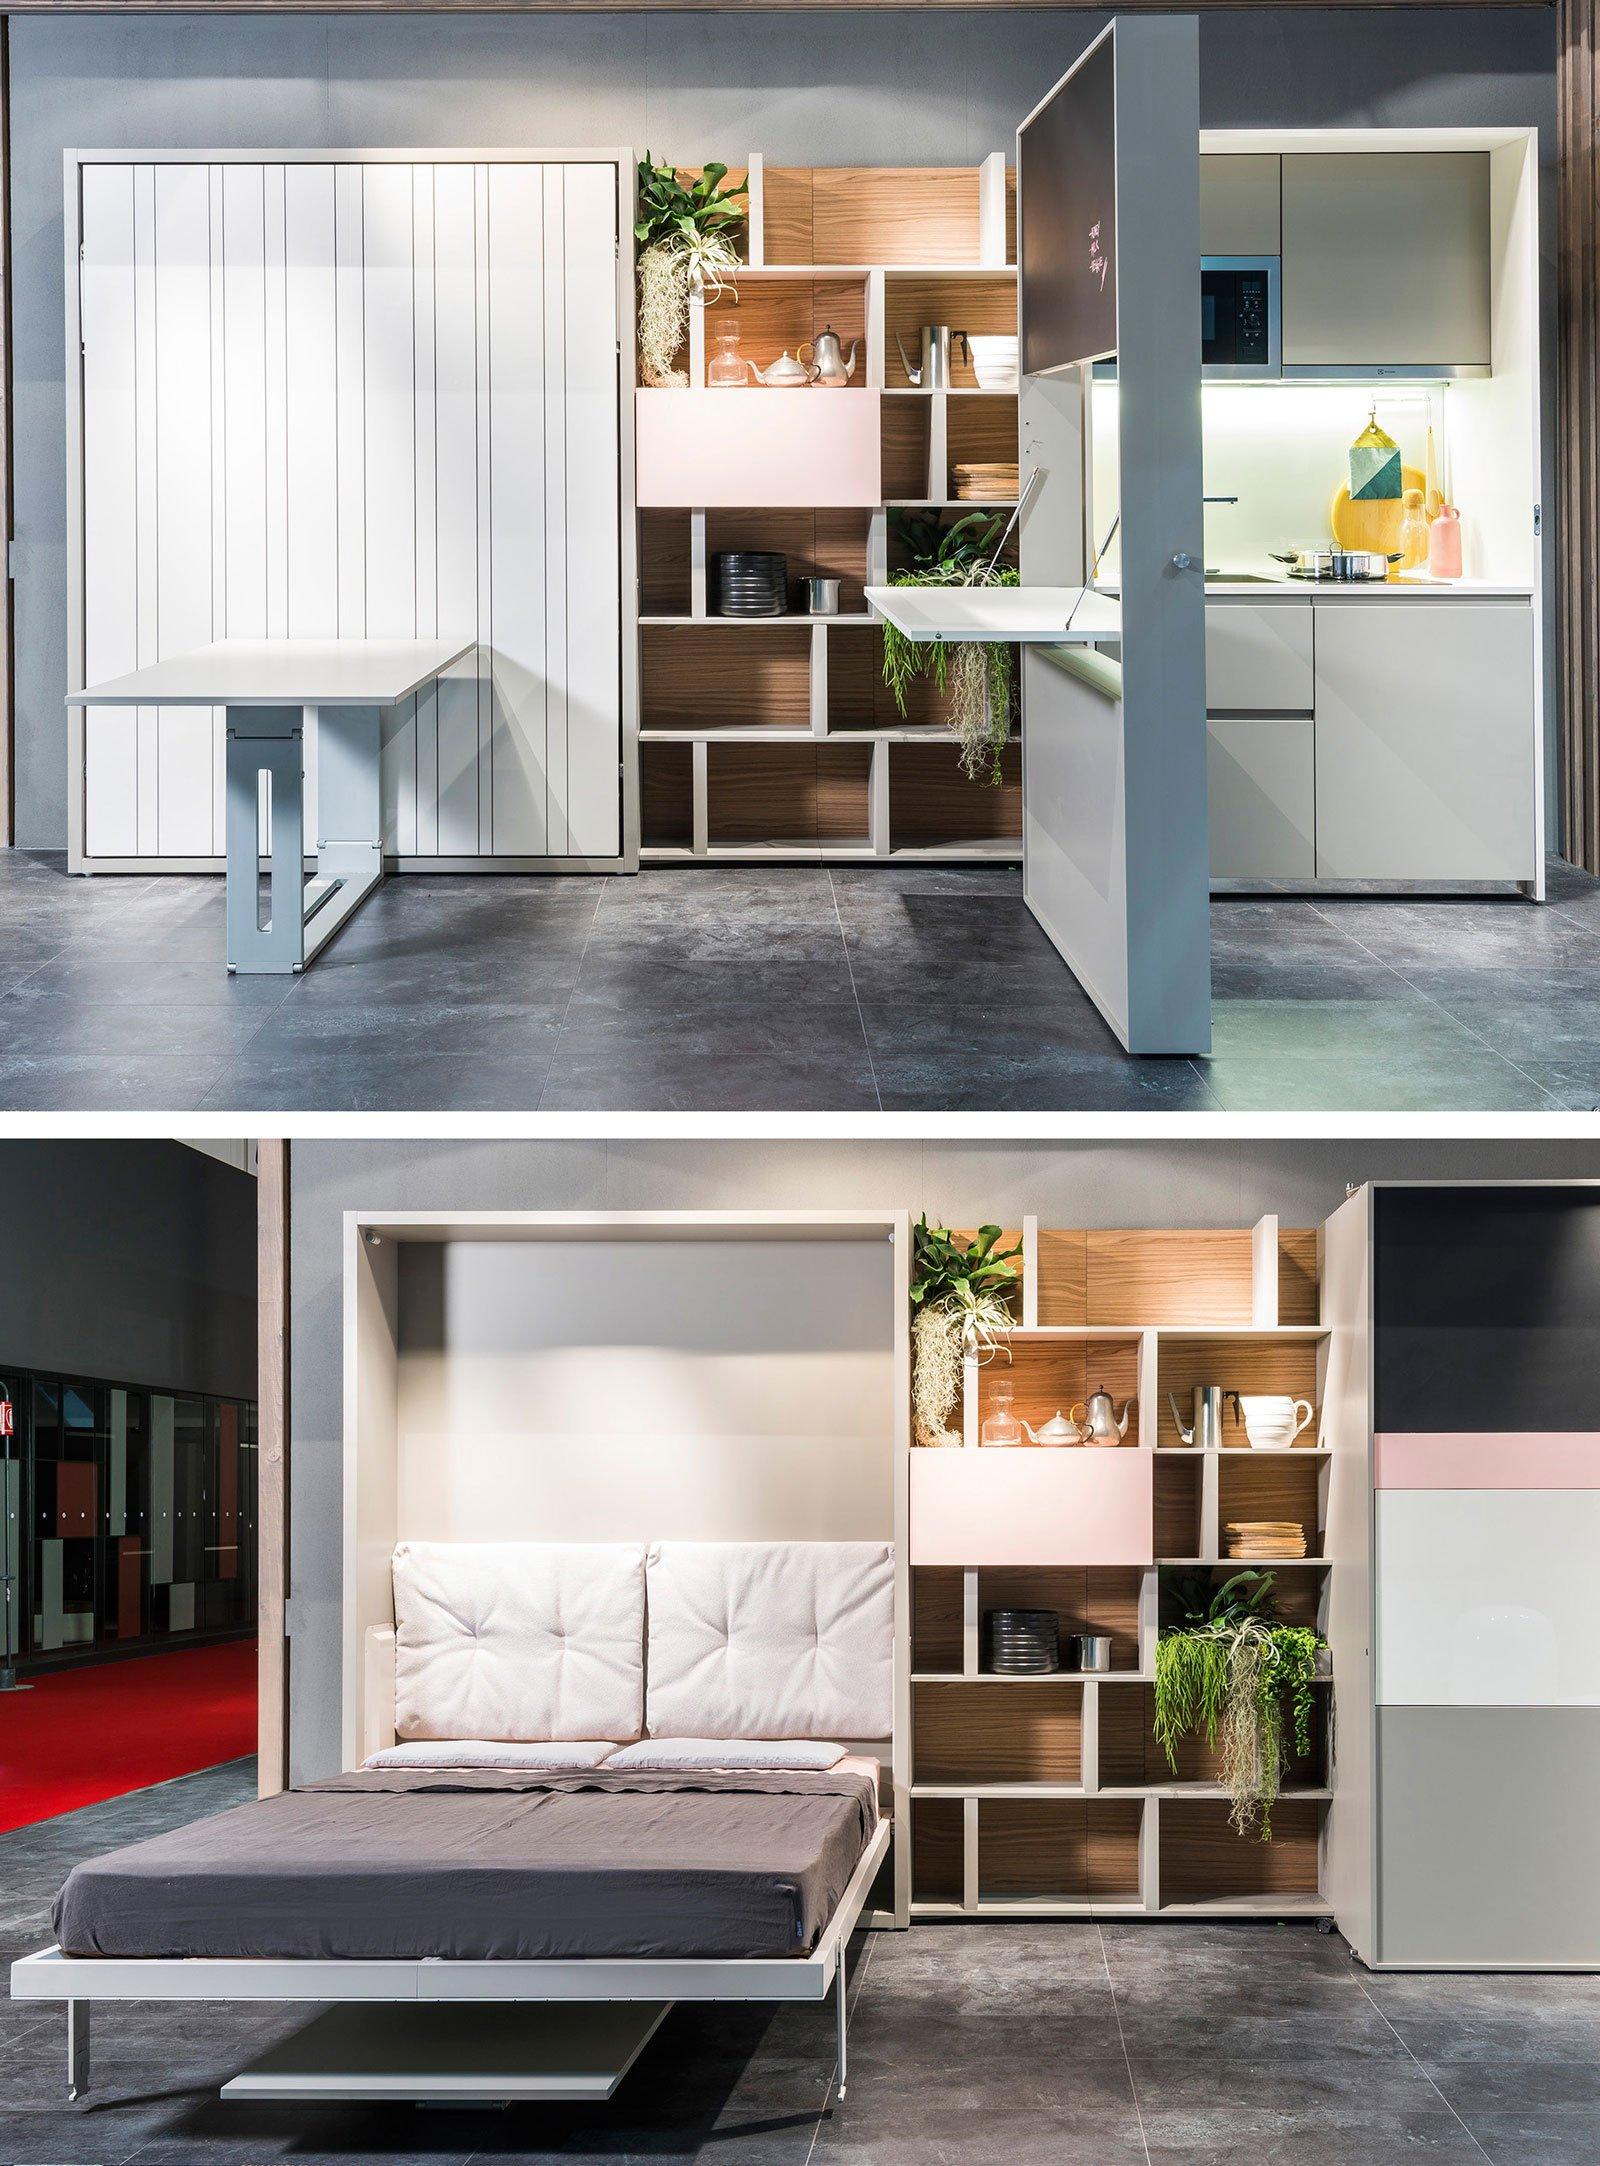 Mobili salvaspazio trasformabili due in uno cose di casa - Mobili letto salvaspazio ...